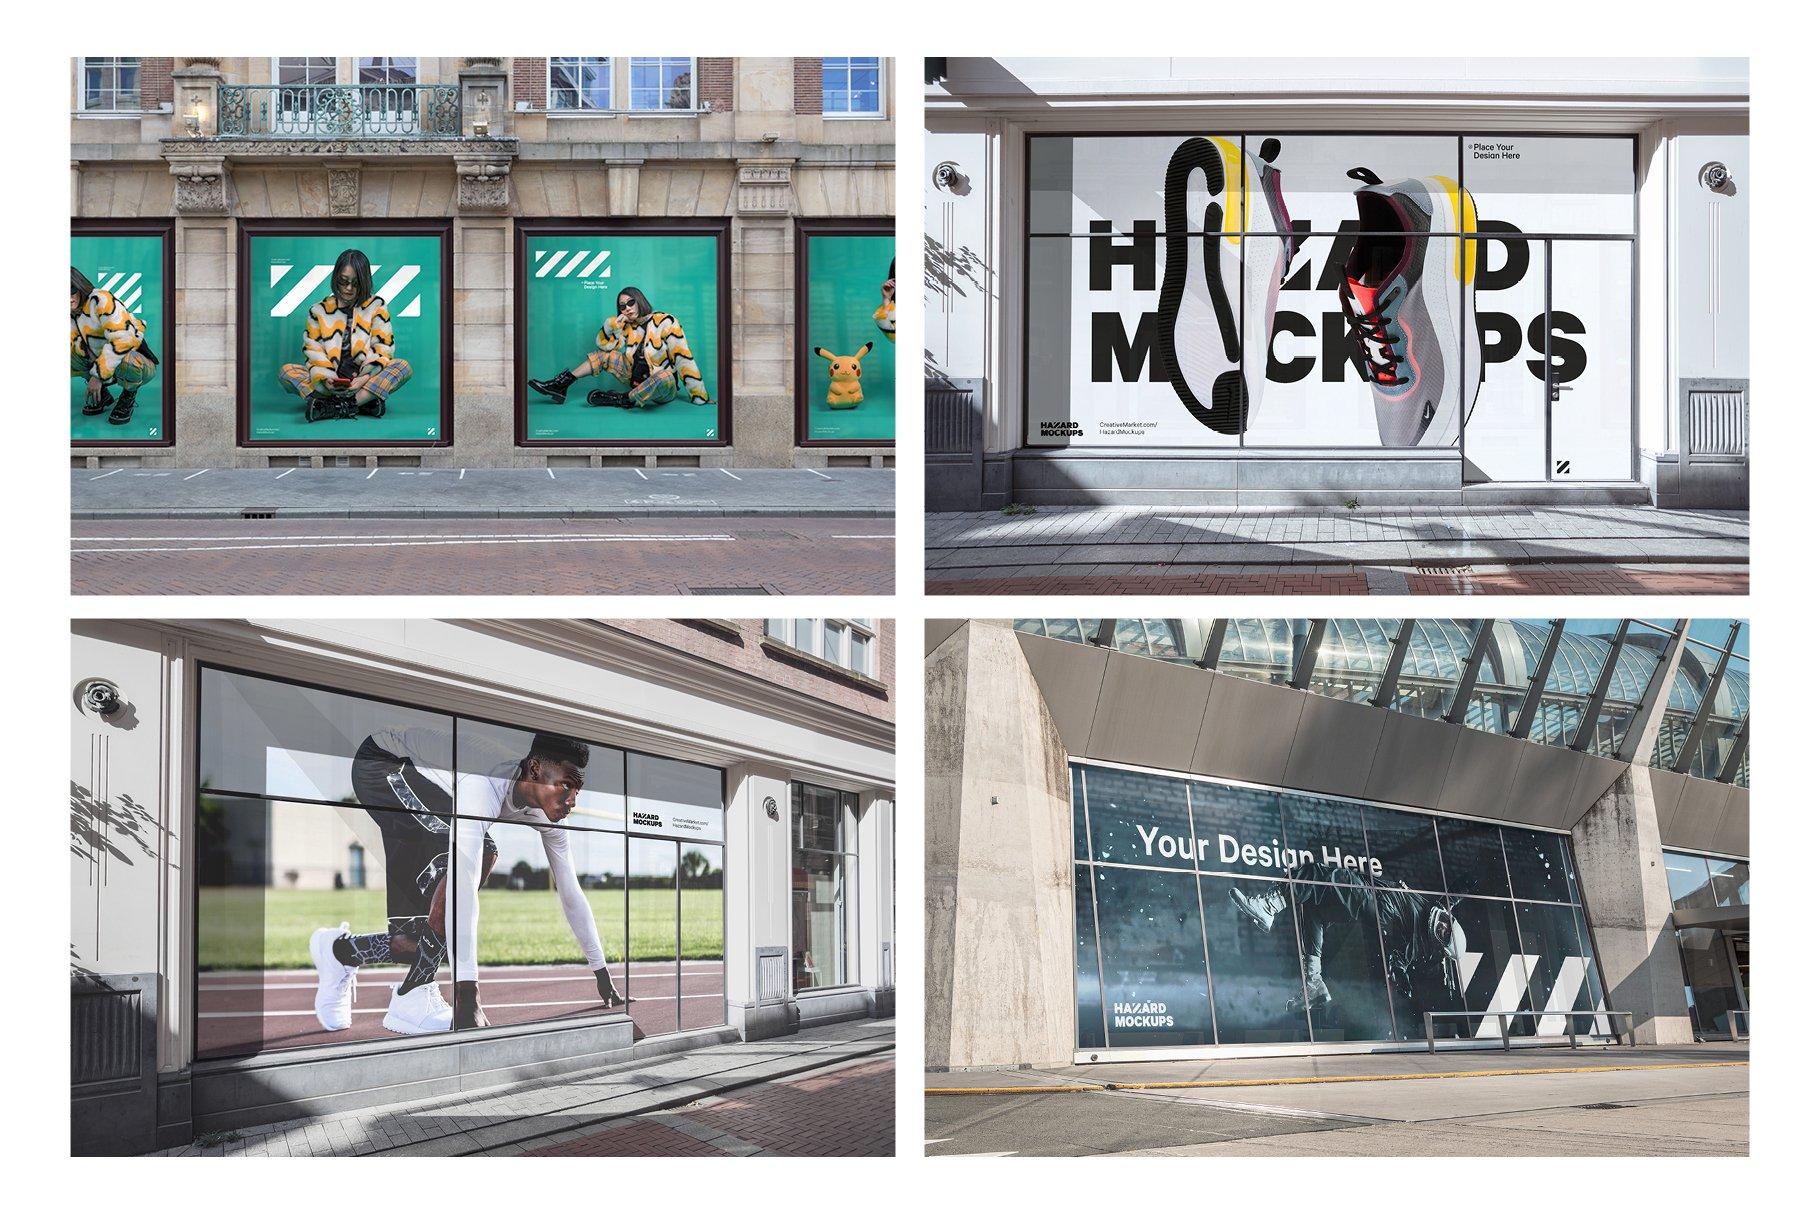 时尚街头店铺外里面橱窗玻璃贴纸广告海报设计展示样机 Shop Facade Mockup Bundle插图6